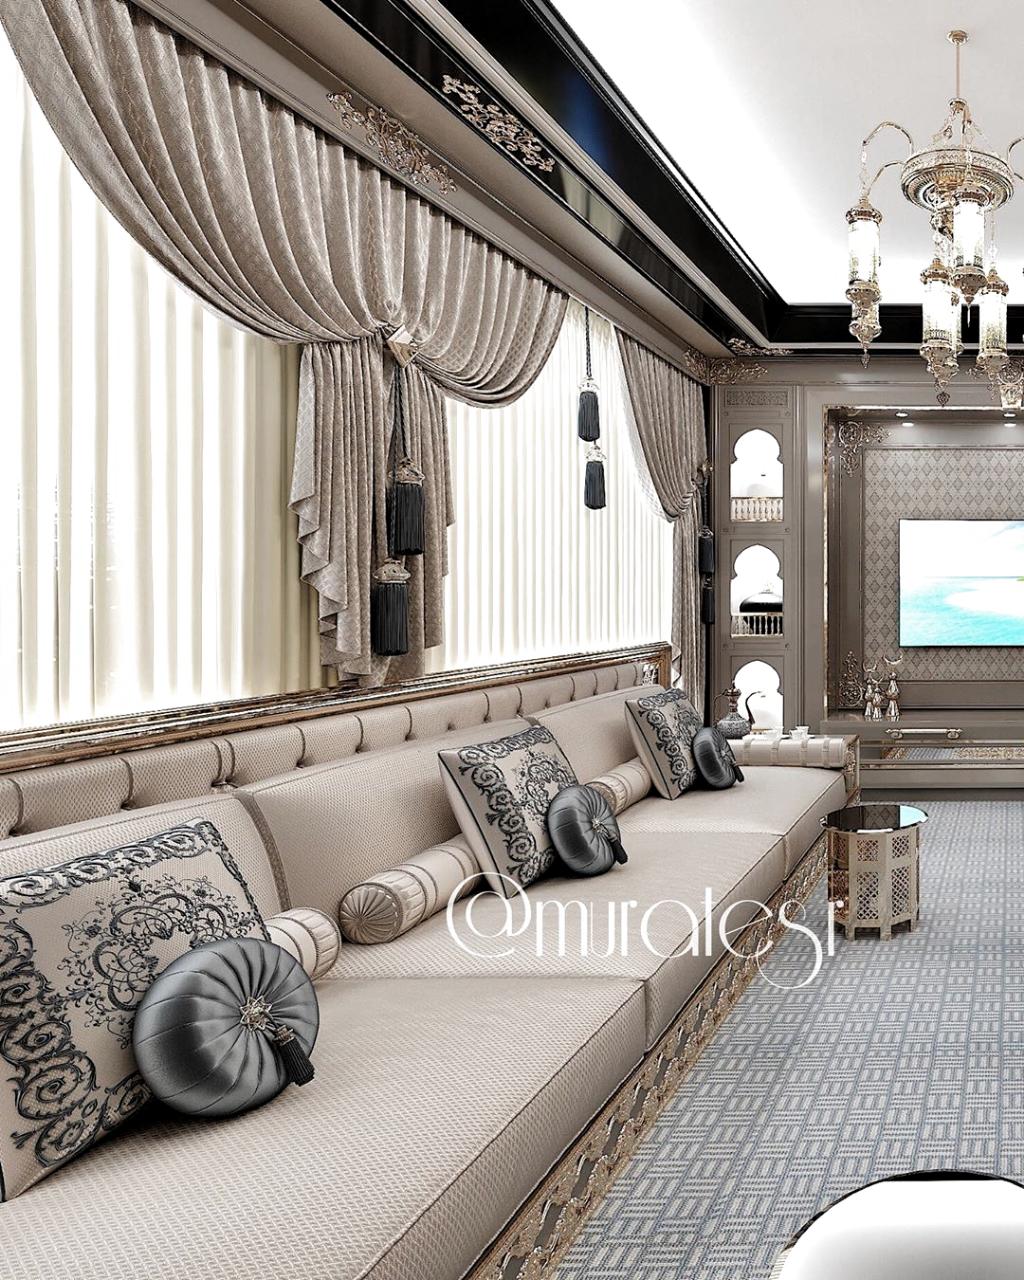 Projet Client Decor Home Living Room Bed Furniture Design Living Room Design Decor